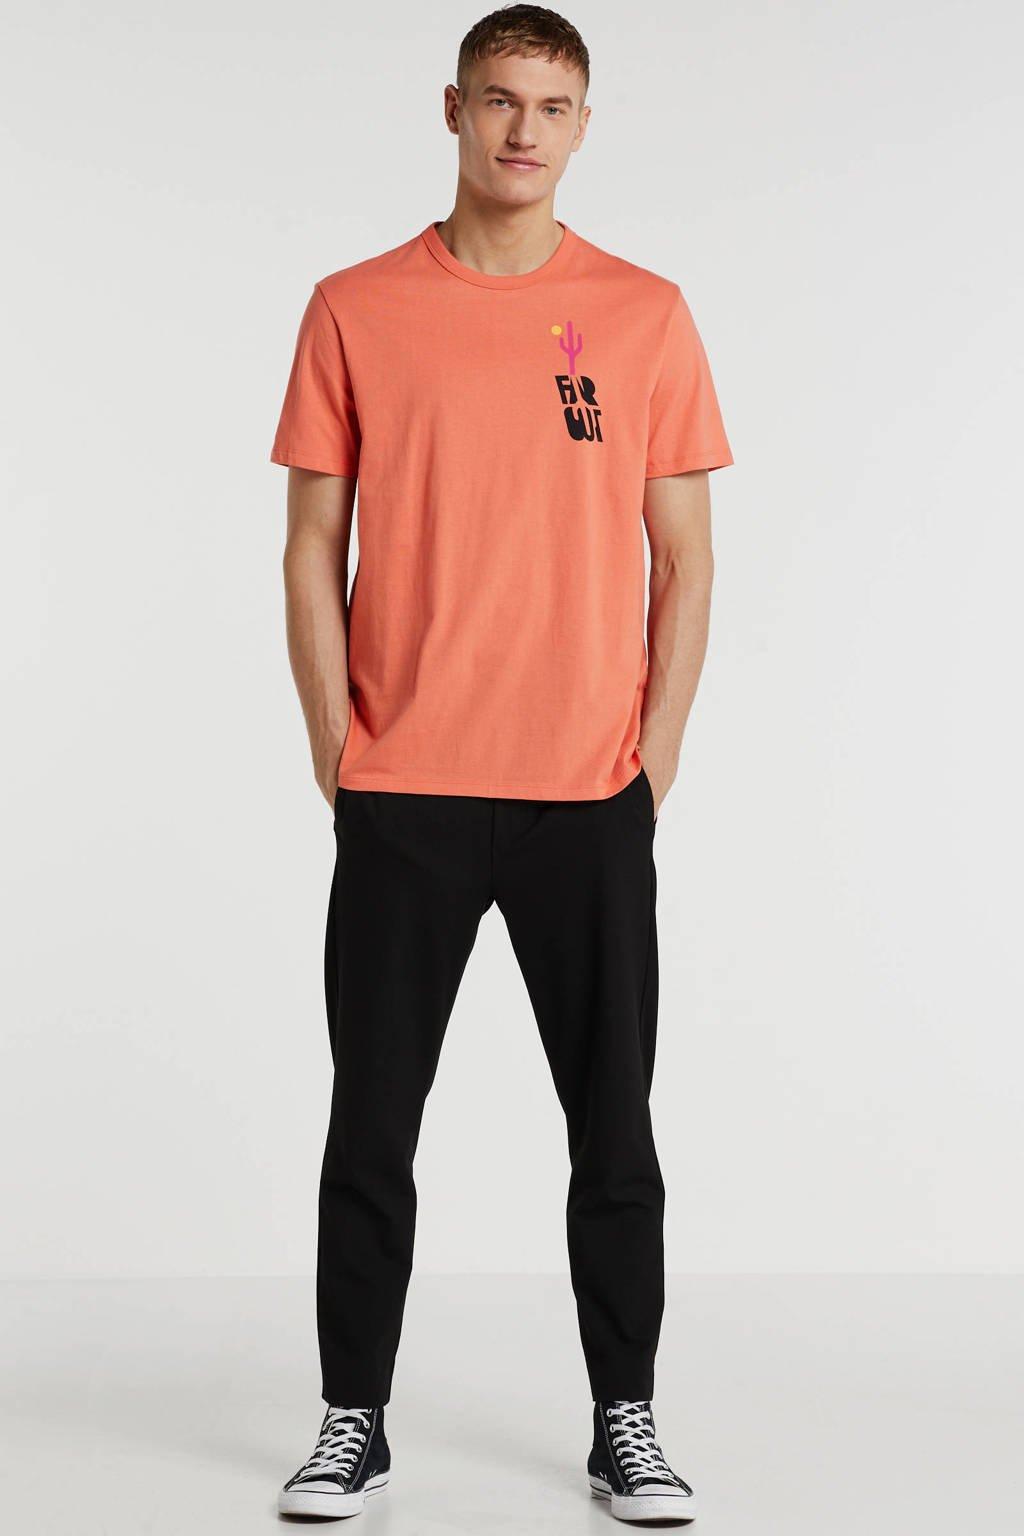 GAP T-shirt met printopdruk oranje, Oranje